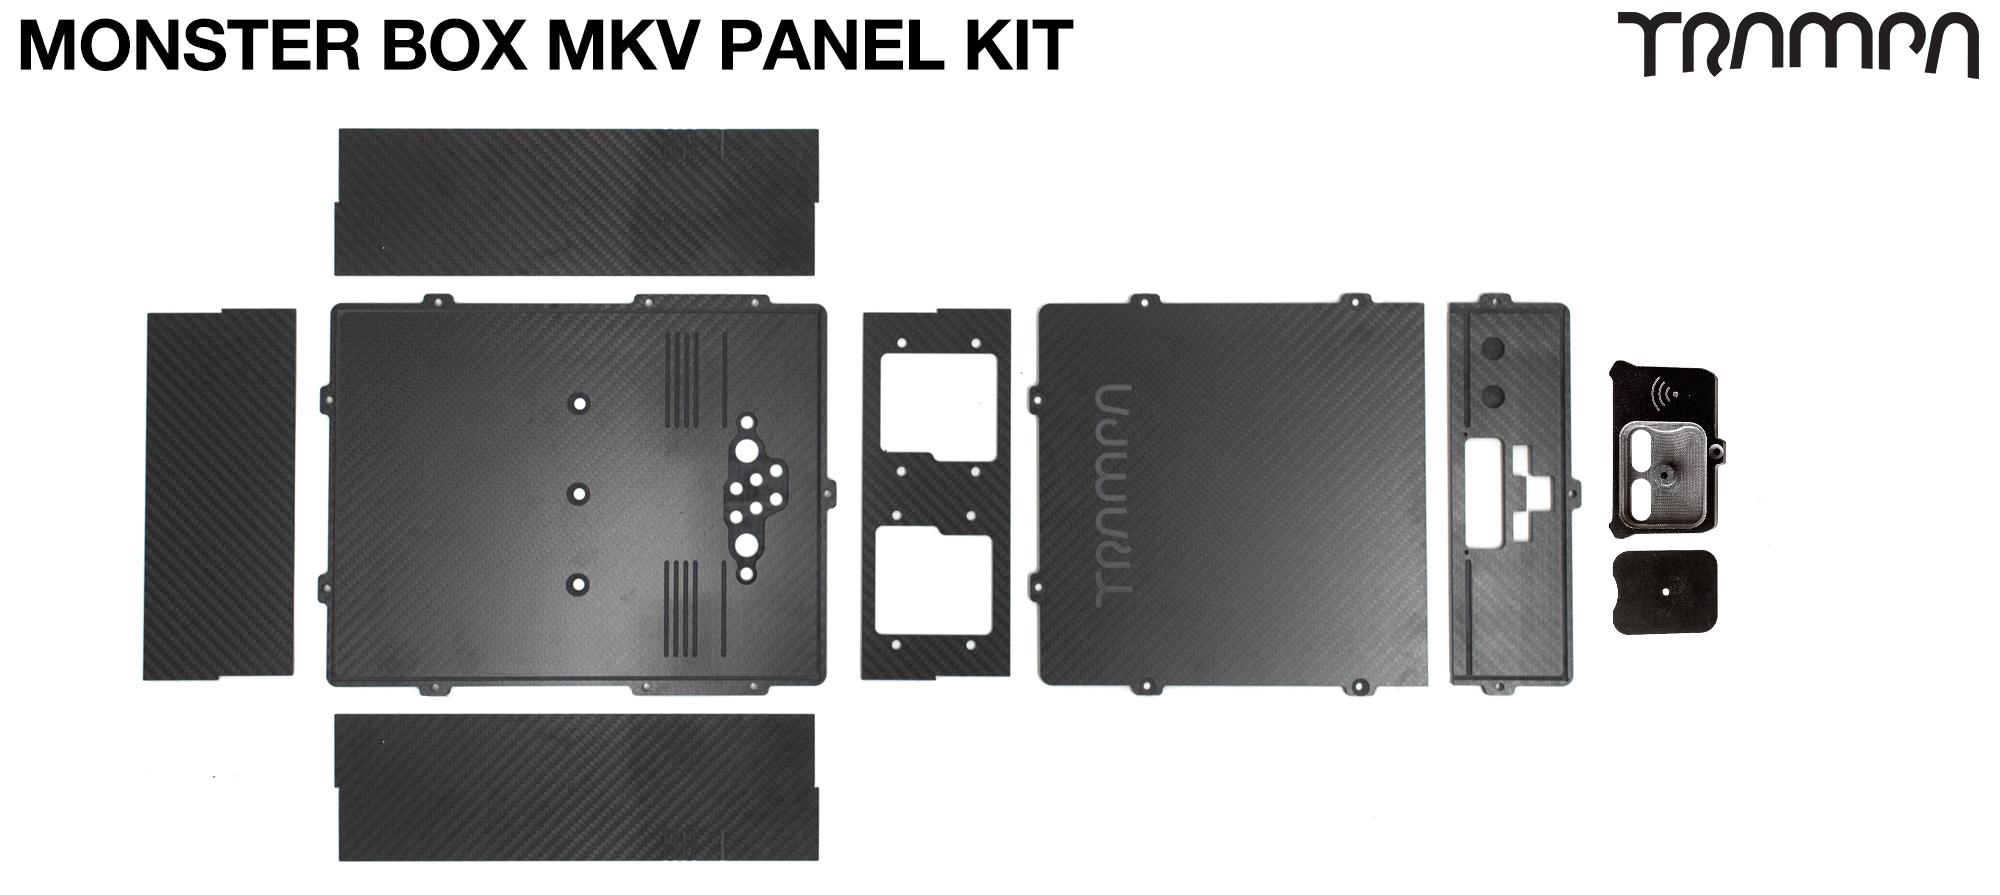 MONSTER Box Carbon Fiber Panel Kit MkIV with internal chamber for TWIN VESC